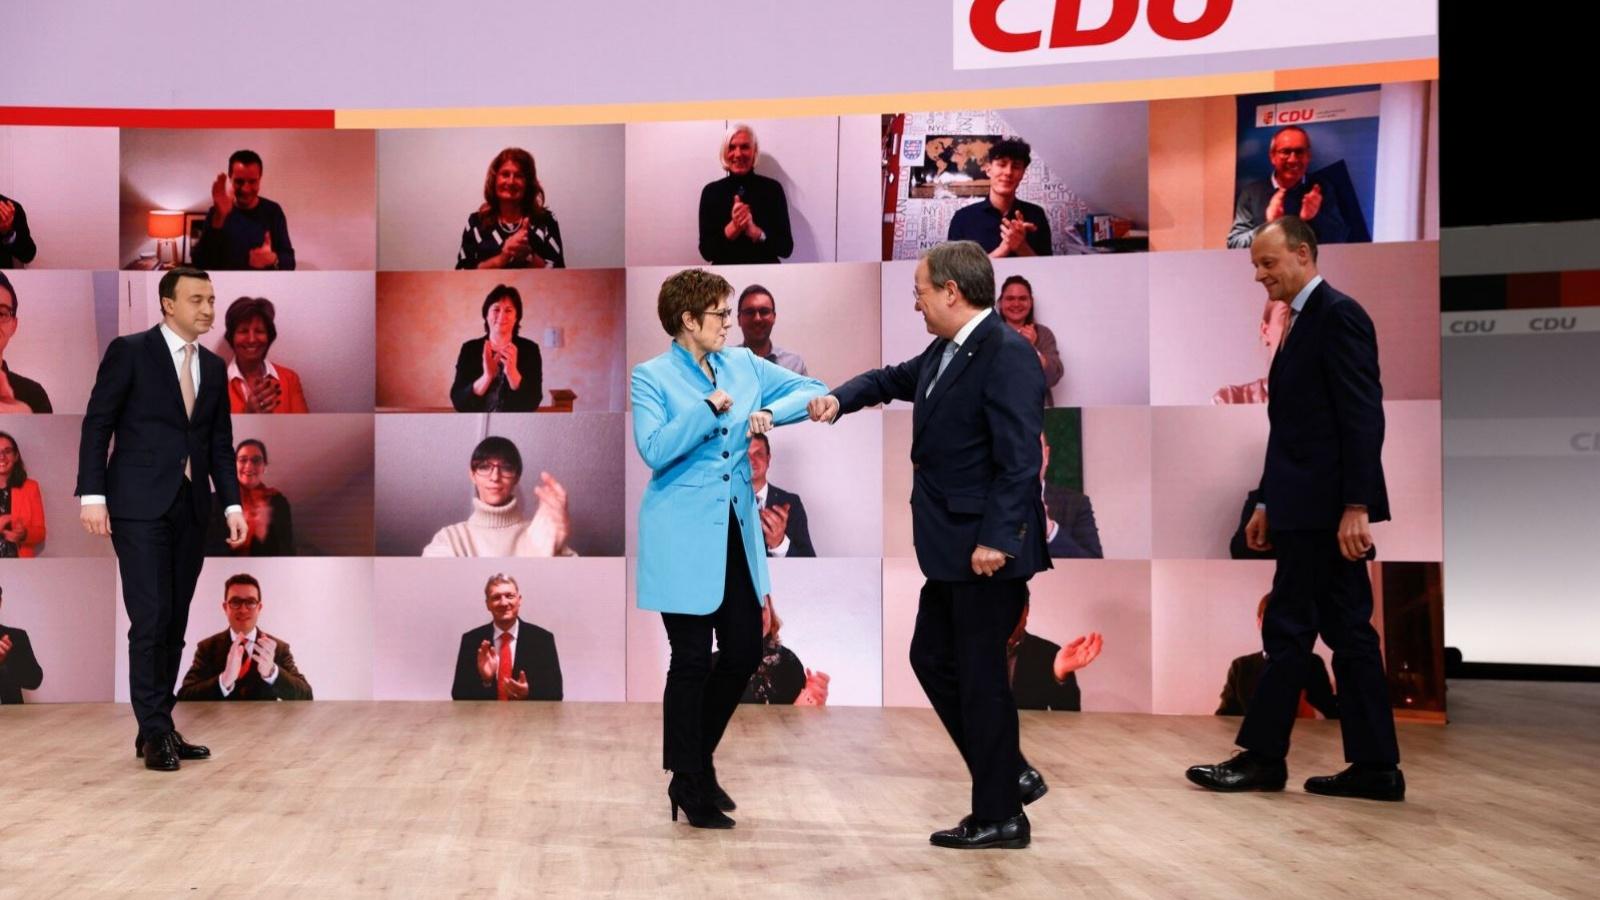 Die scheidende Vorsitzende Annegret Kramp-Karrenbauer gratuliert ihrem Nachfolger Armin Laschet